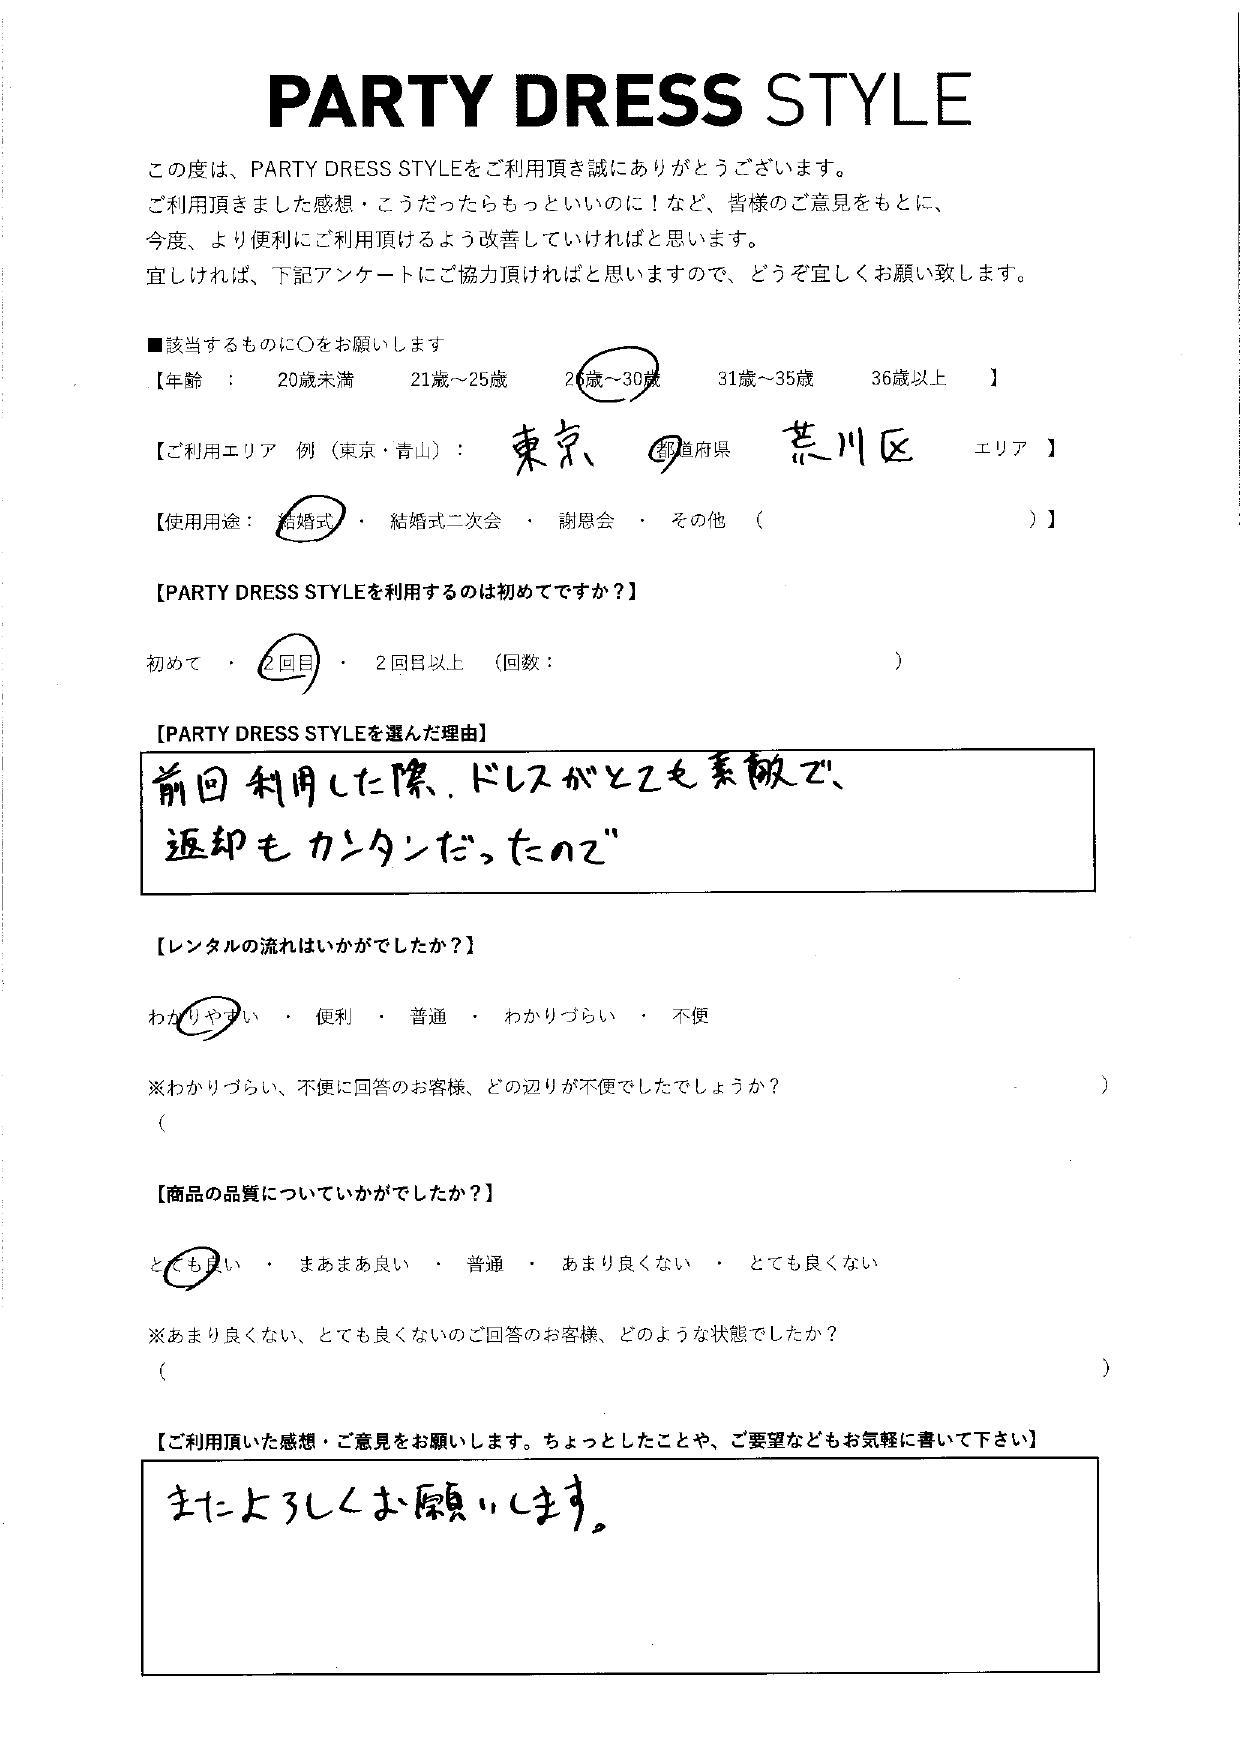 11/22結婚式ご利用 東京・荒川エリア